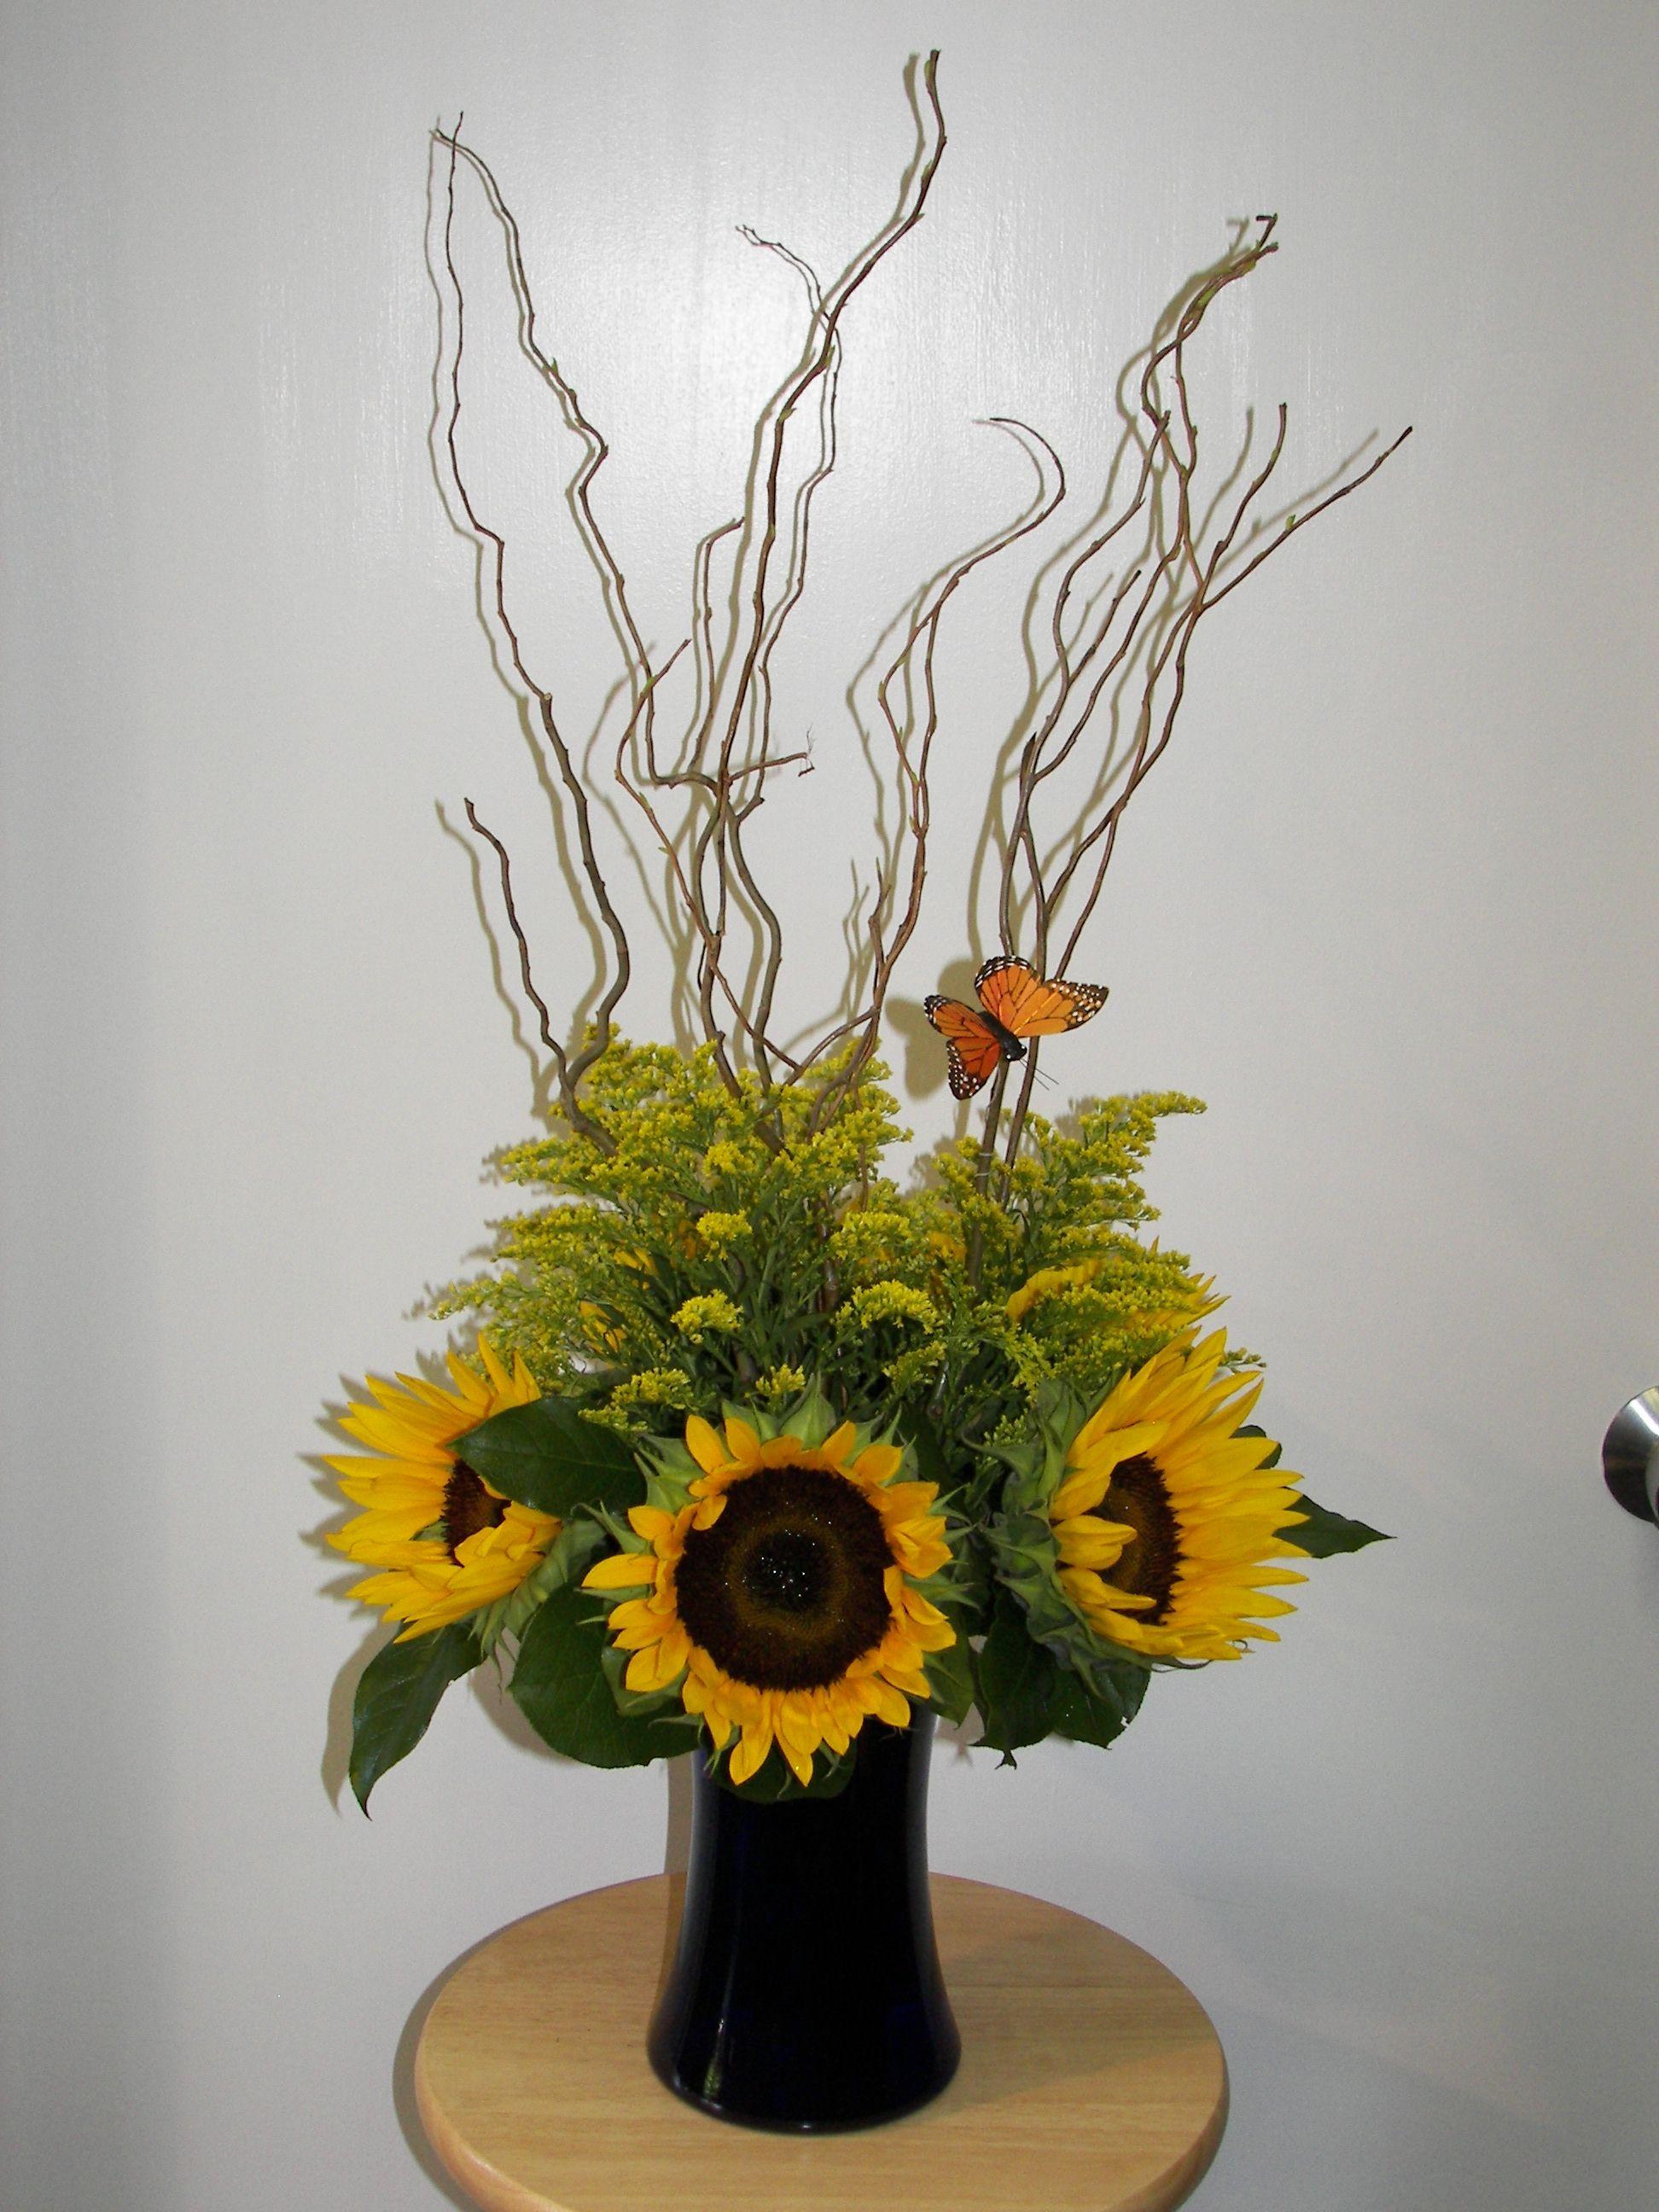 Sunflower arrangement d i y c r a f t s pinterest